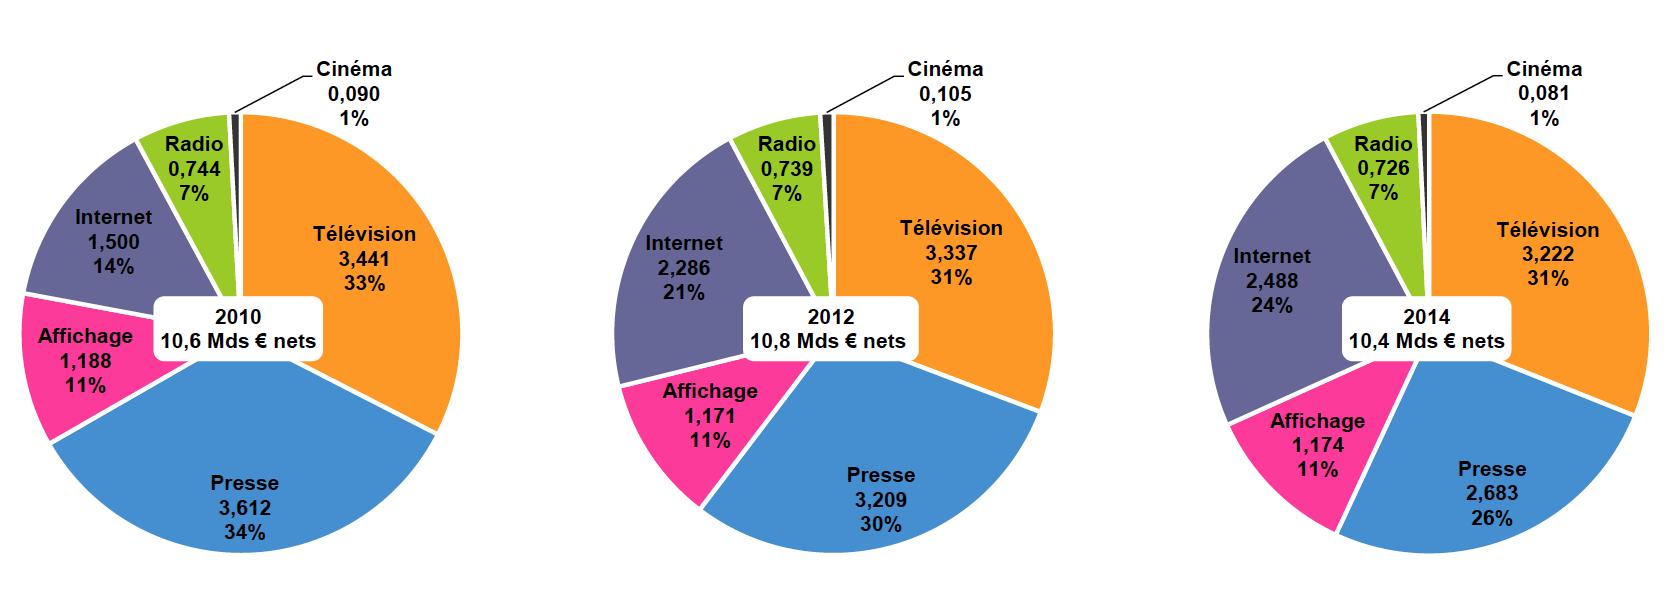 De 2010 à 2014, la télévision s'est affirmée comme premier média, devant la presse en forte baisse, et internet en forte hausse. La radio, l'affichage et le cinéma maintiennent leur part de marché publicitaire